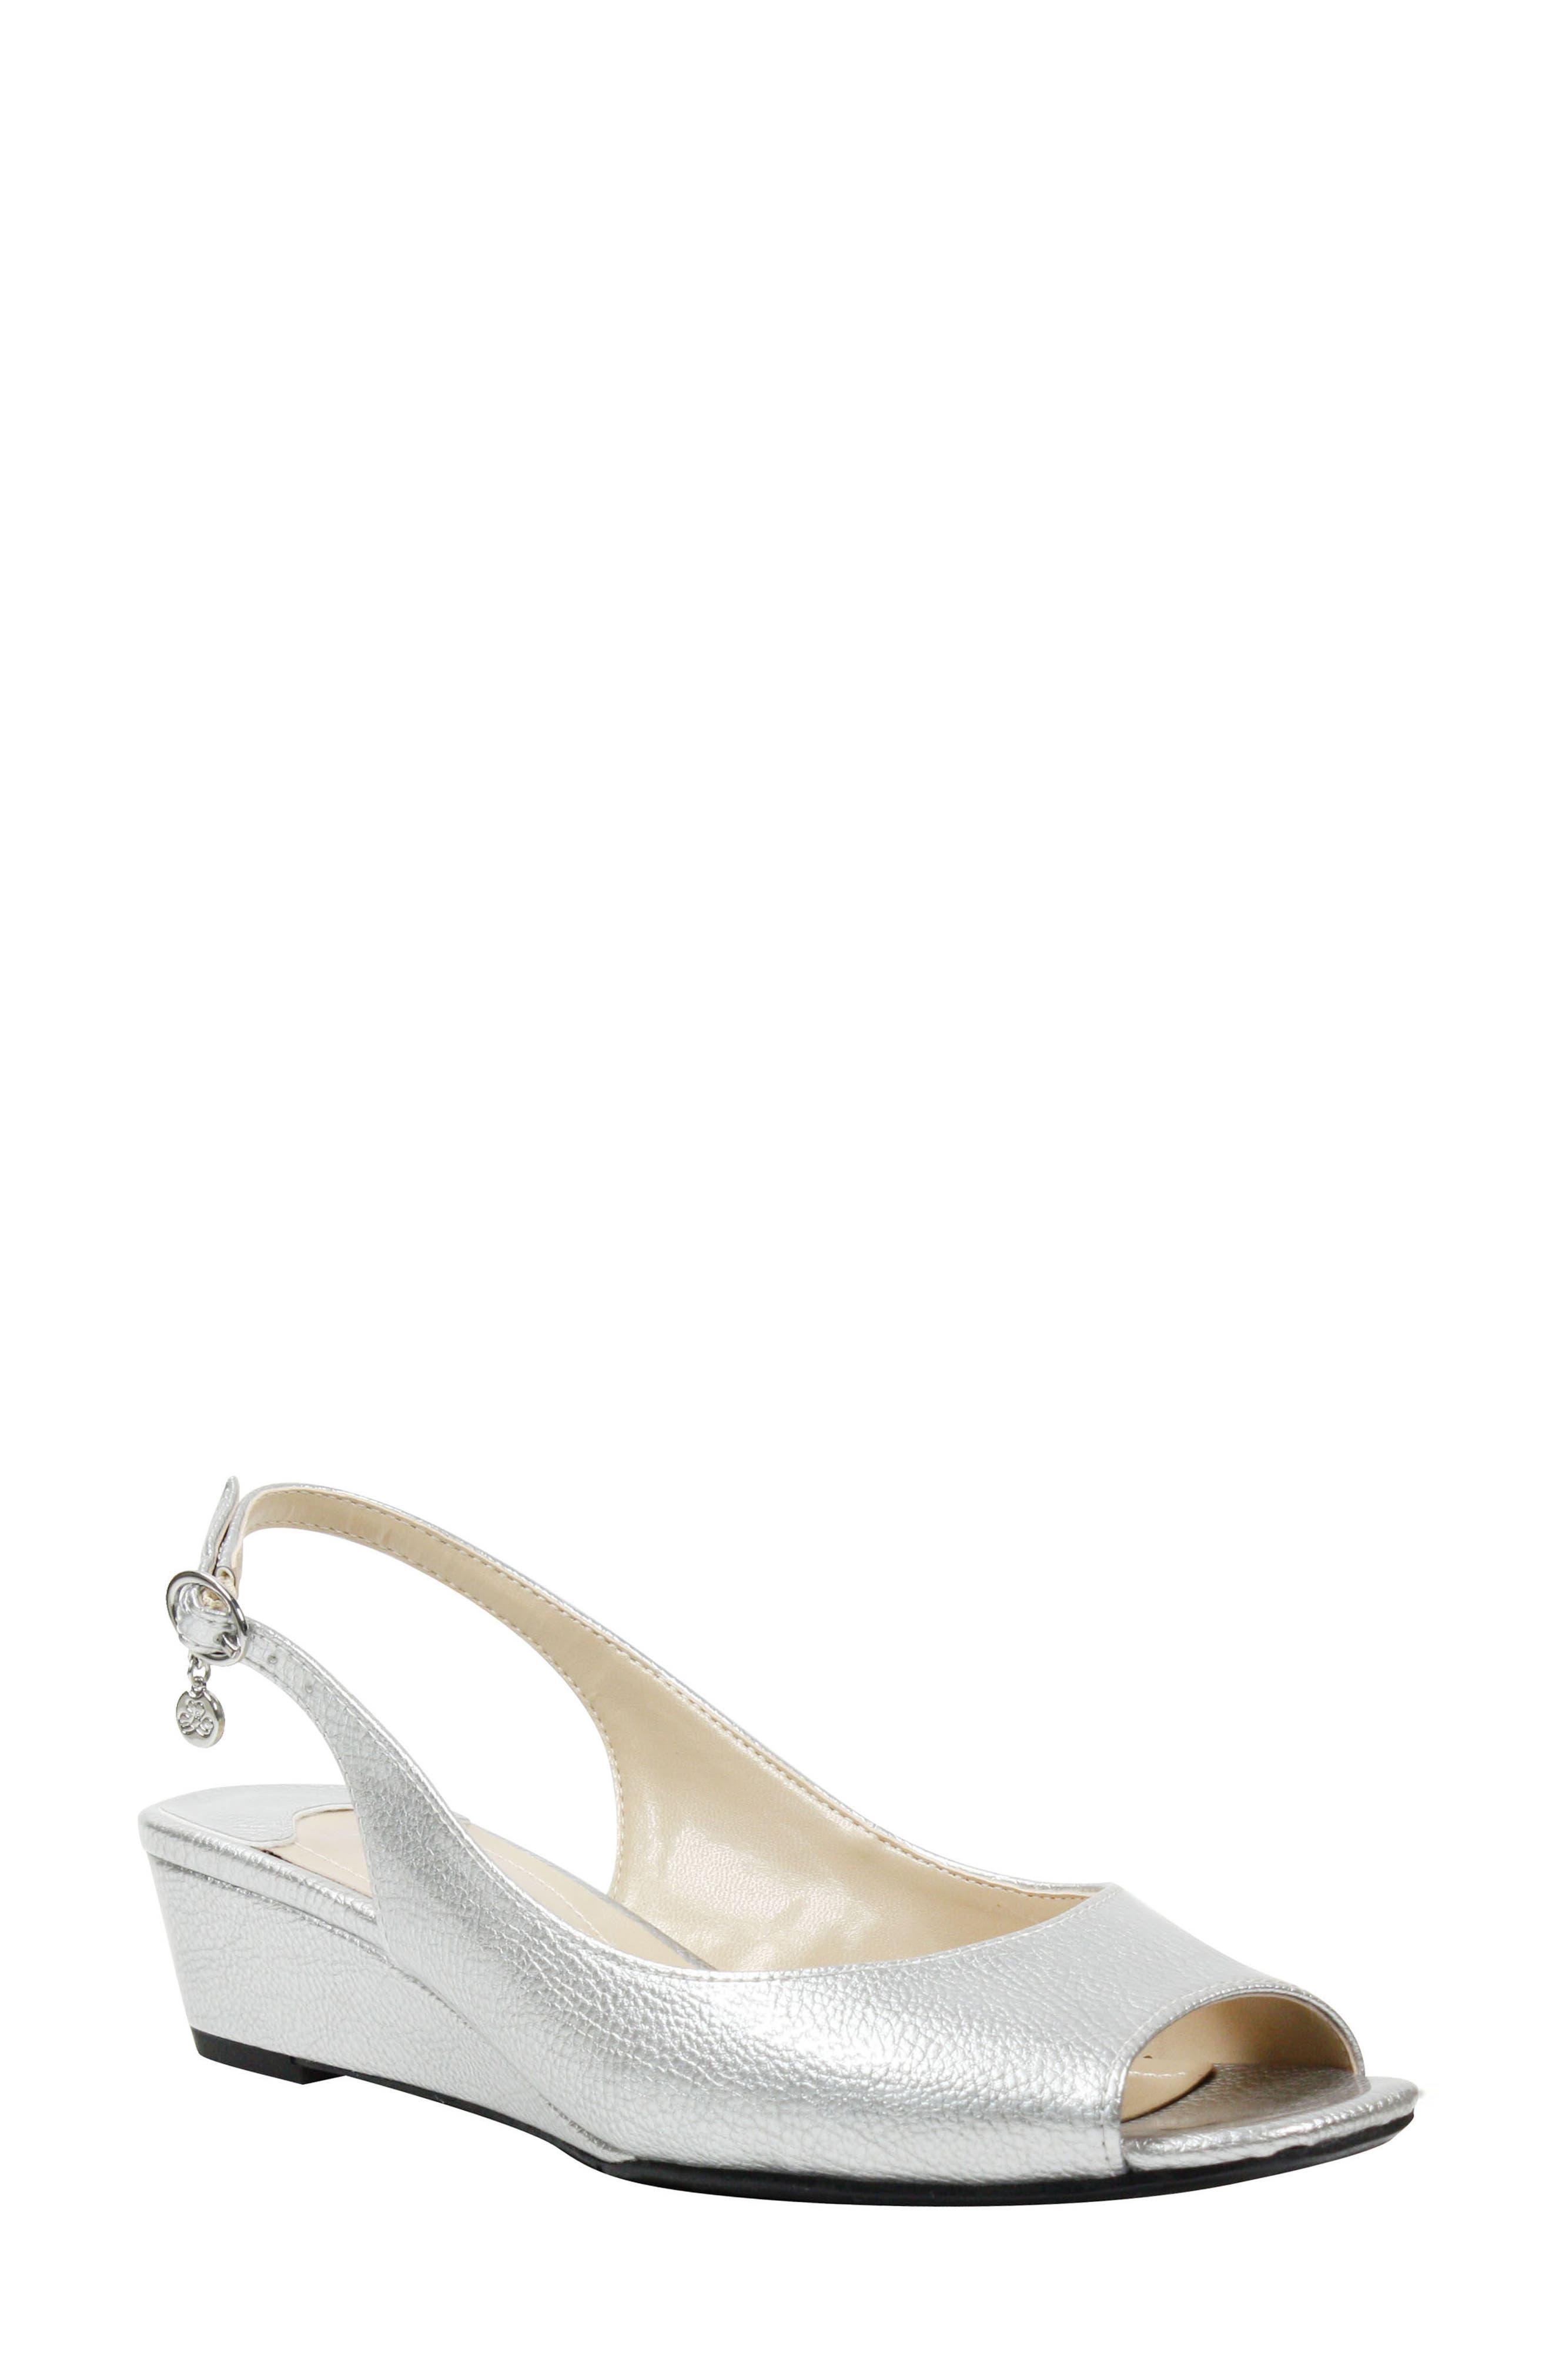 J. Renee Alivia Slingback Sandal, Metallic